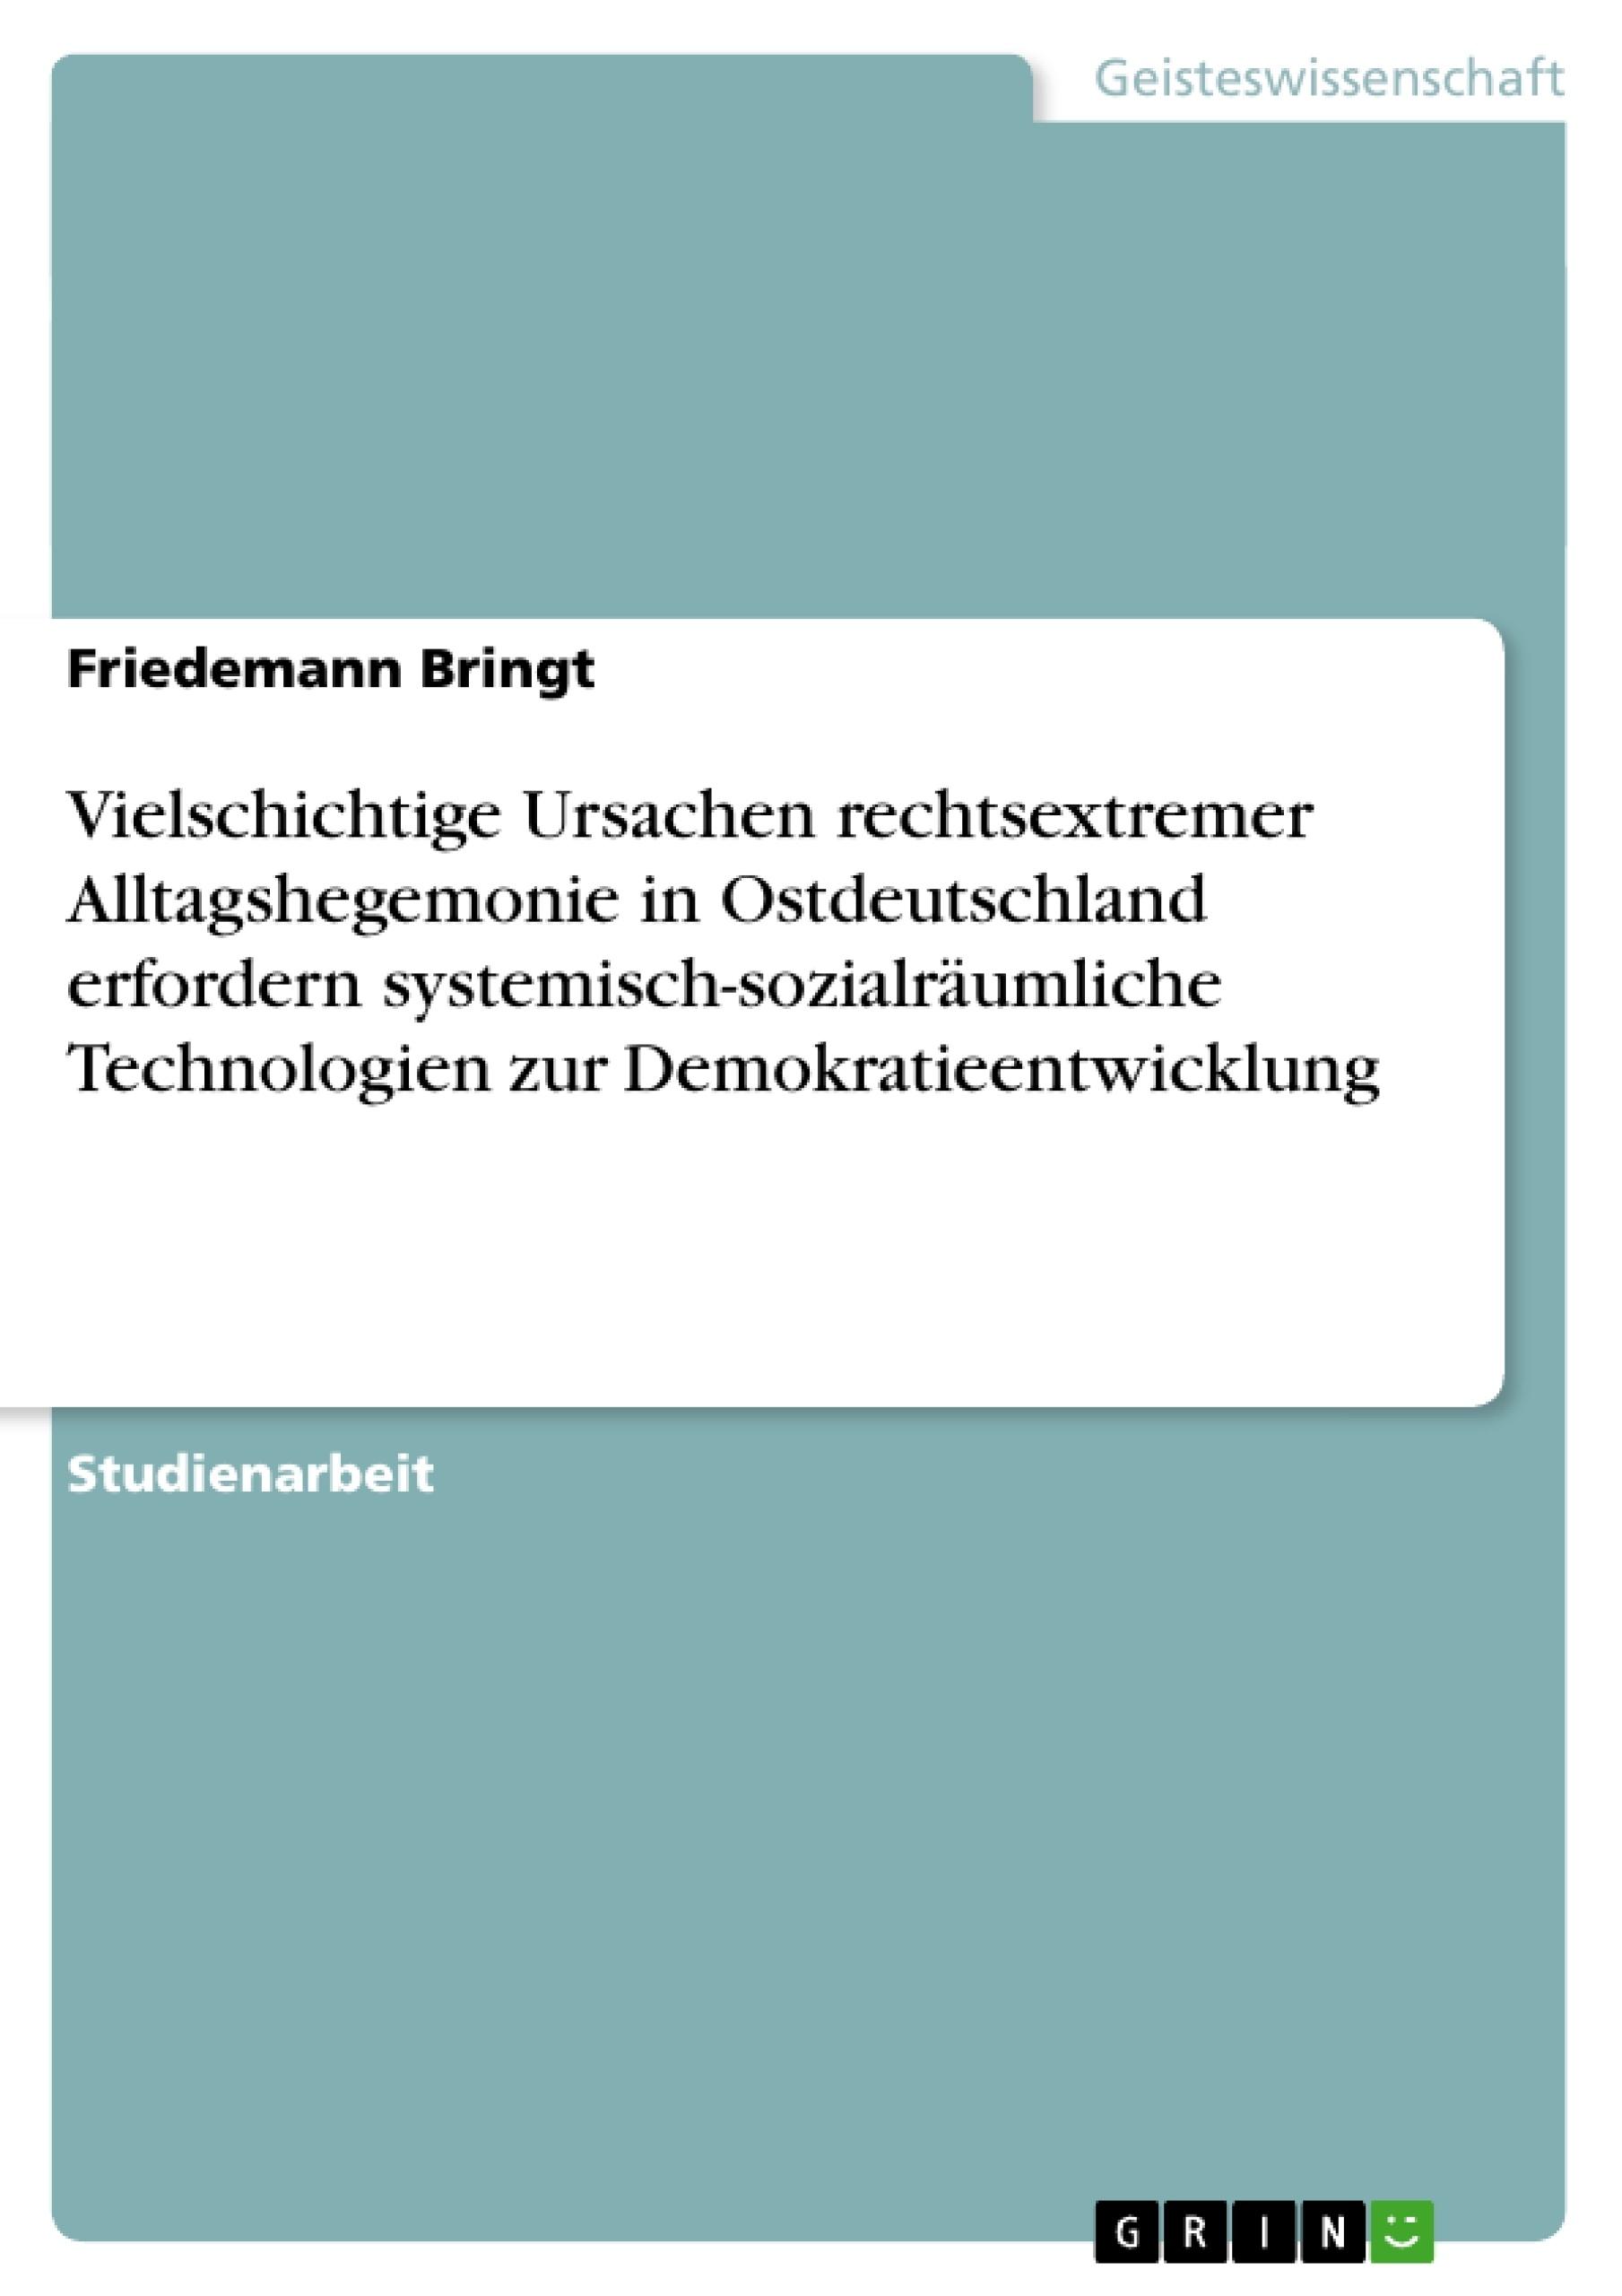 Titel: Vielschichtige Ursachen rechtsextremer Alltagshegemonie in Ostdeutschland erfordern systemisch-sozialräumliche Technologien zur Demokratieentwicklung